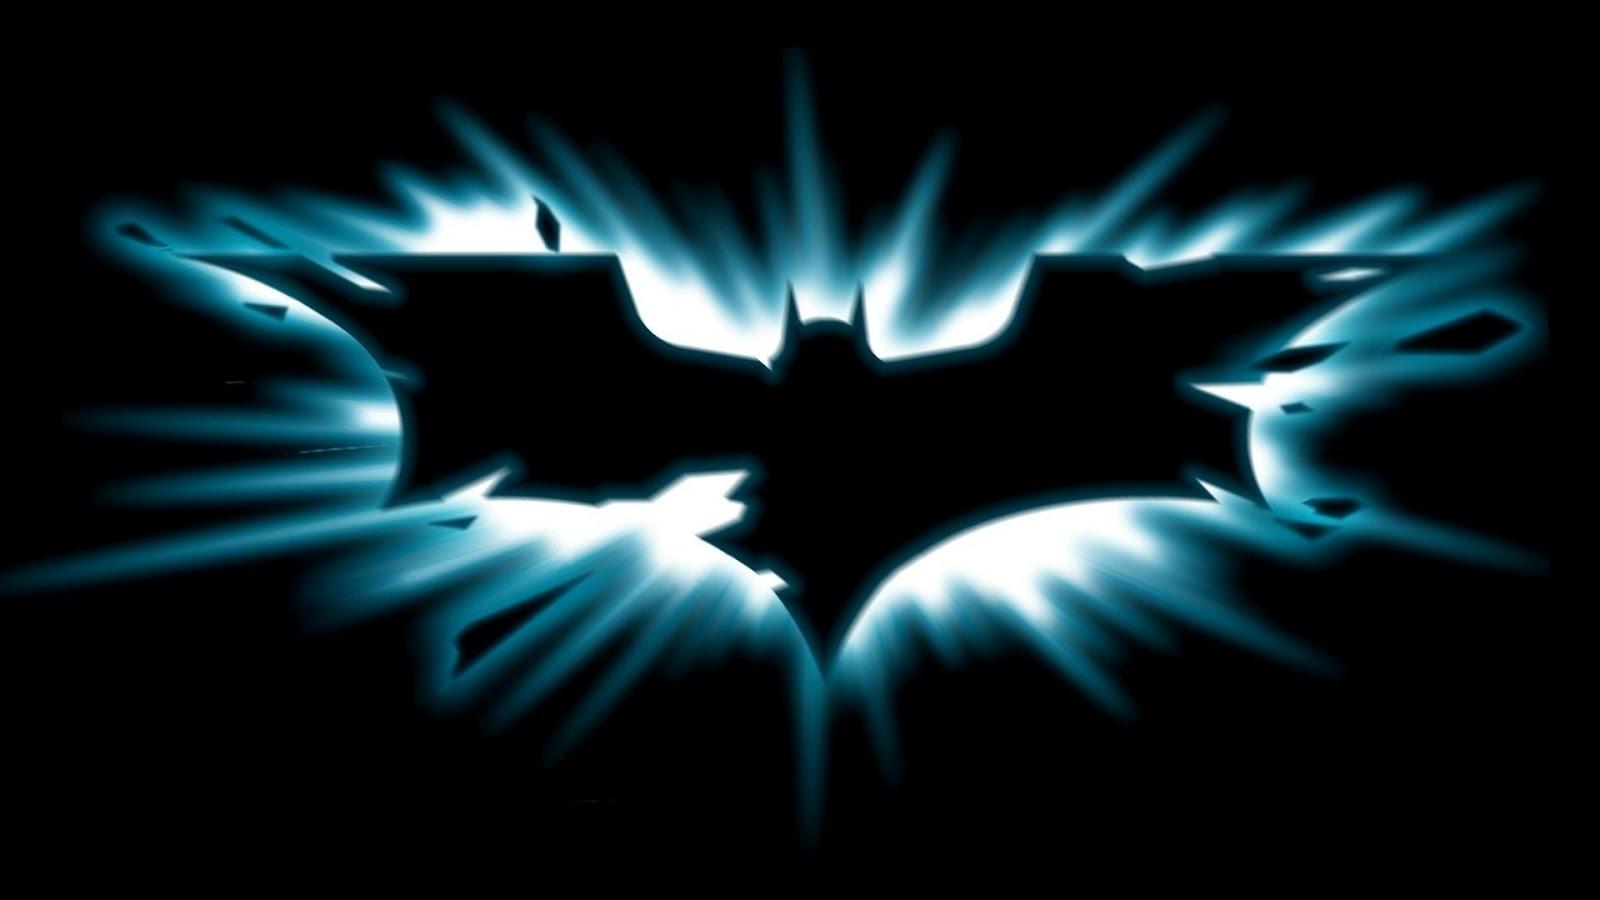 http://2.bp.blogspot.com/-lFZdslFgFEI/UBbSiF2rQFI/AAAAAAAAEEo/LA-dD903ETs/s1600/batman_symbol_863.jpg